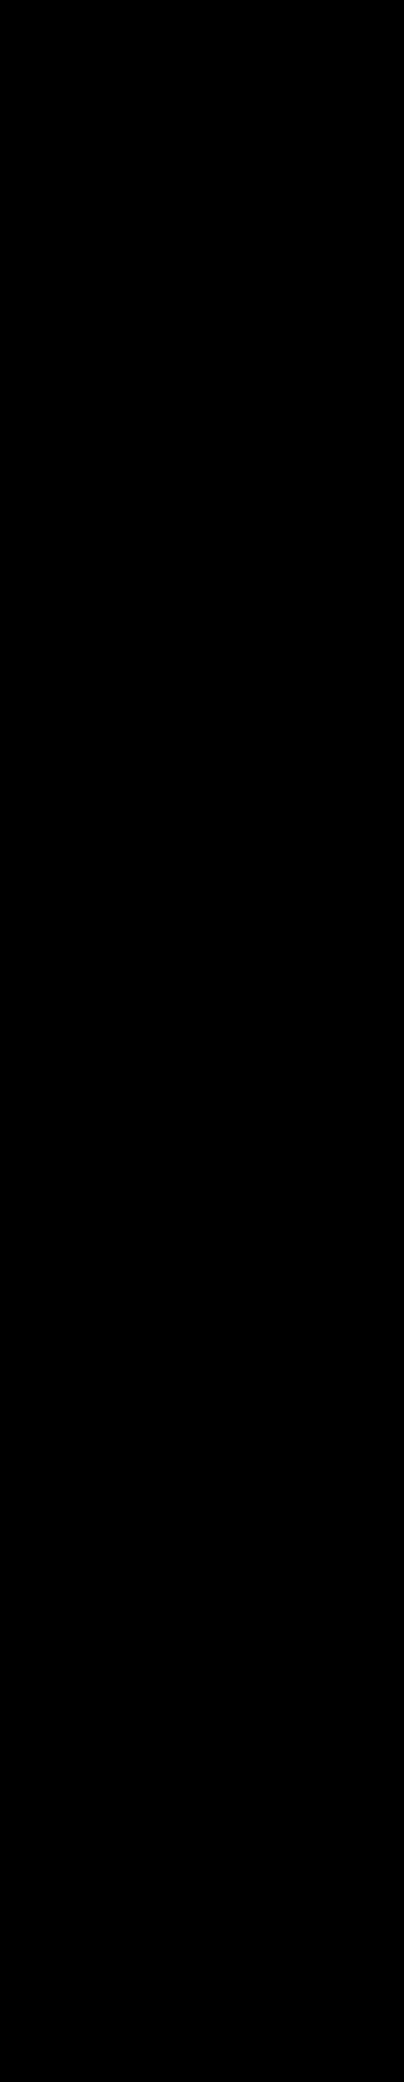 คอร์ดกีต้า คอร์ดกีต้าร เพลง เสี้ยม (Feat. Thaitanium)